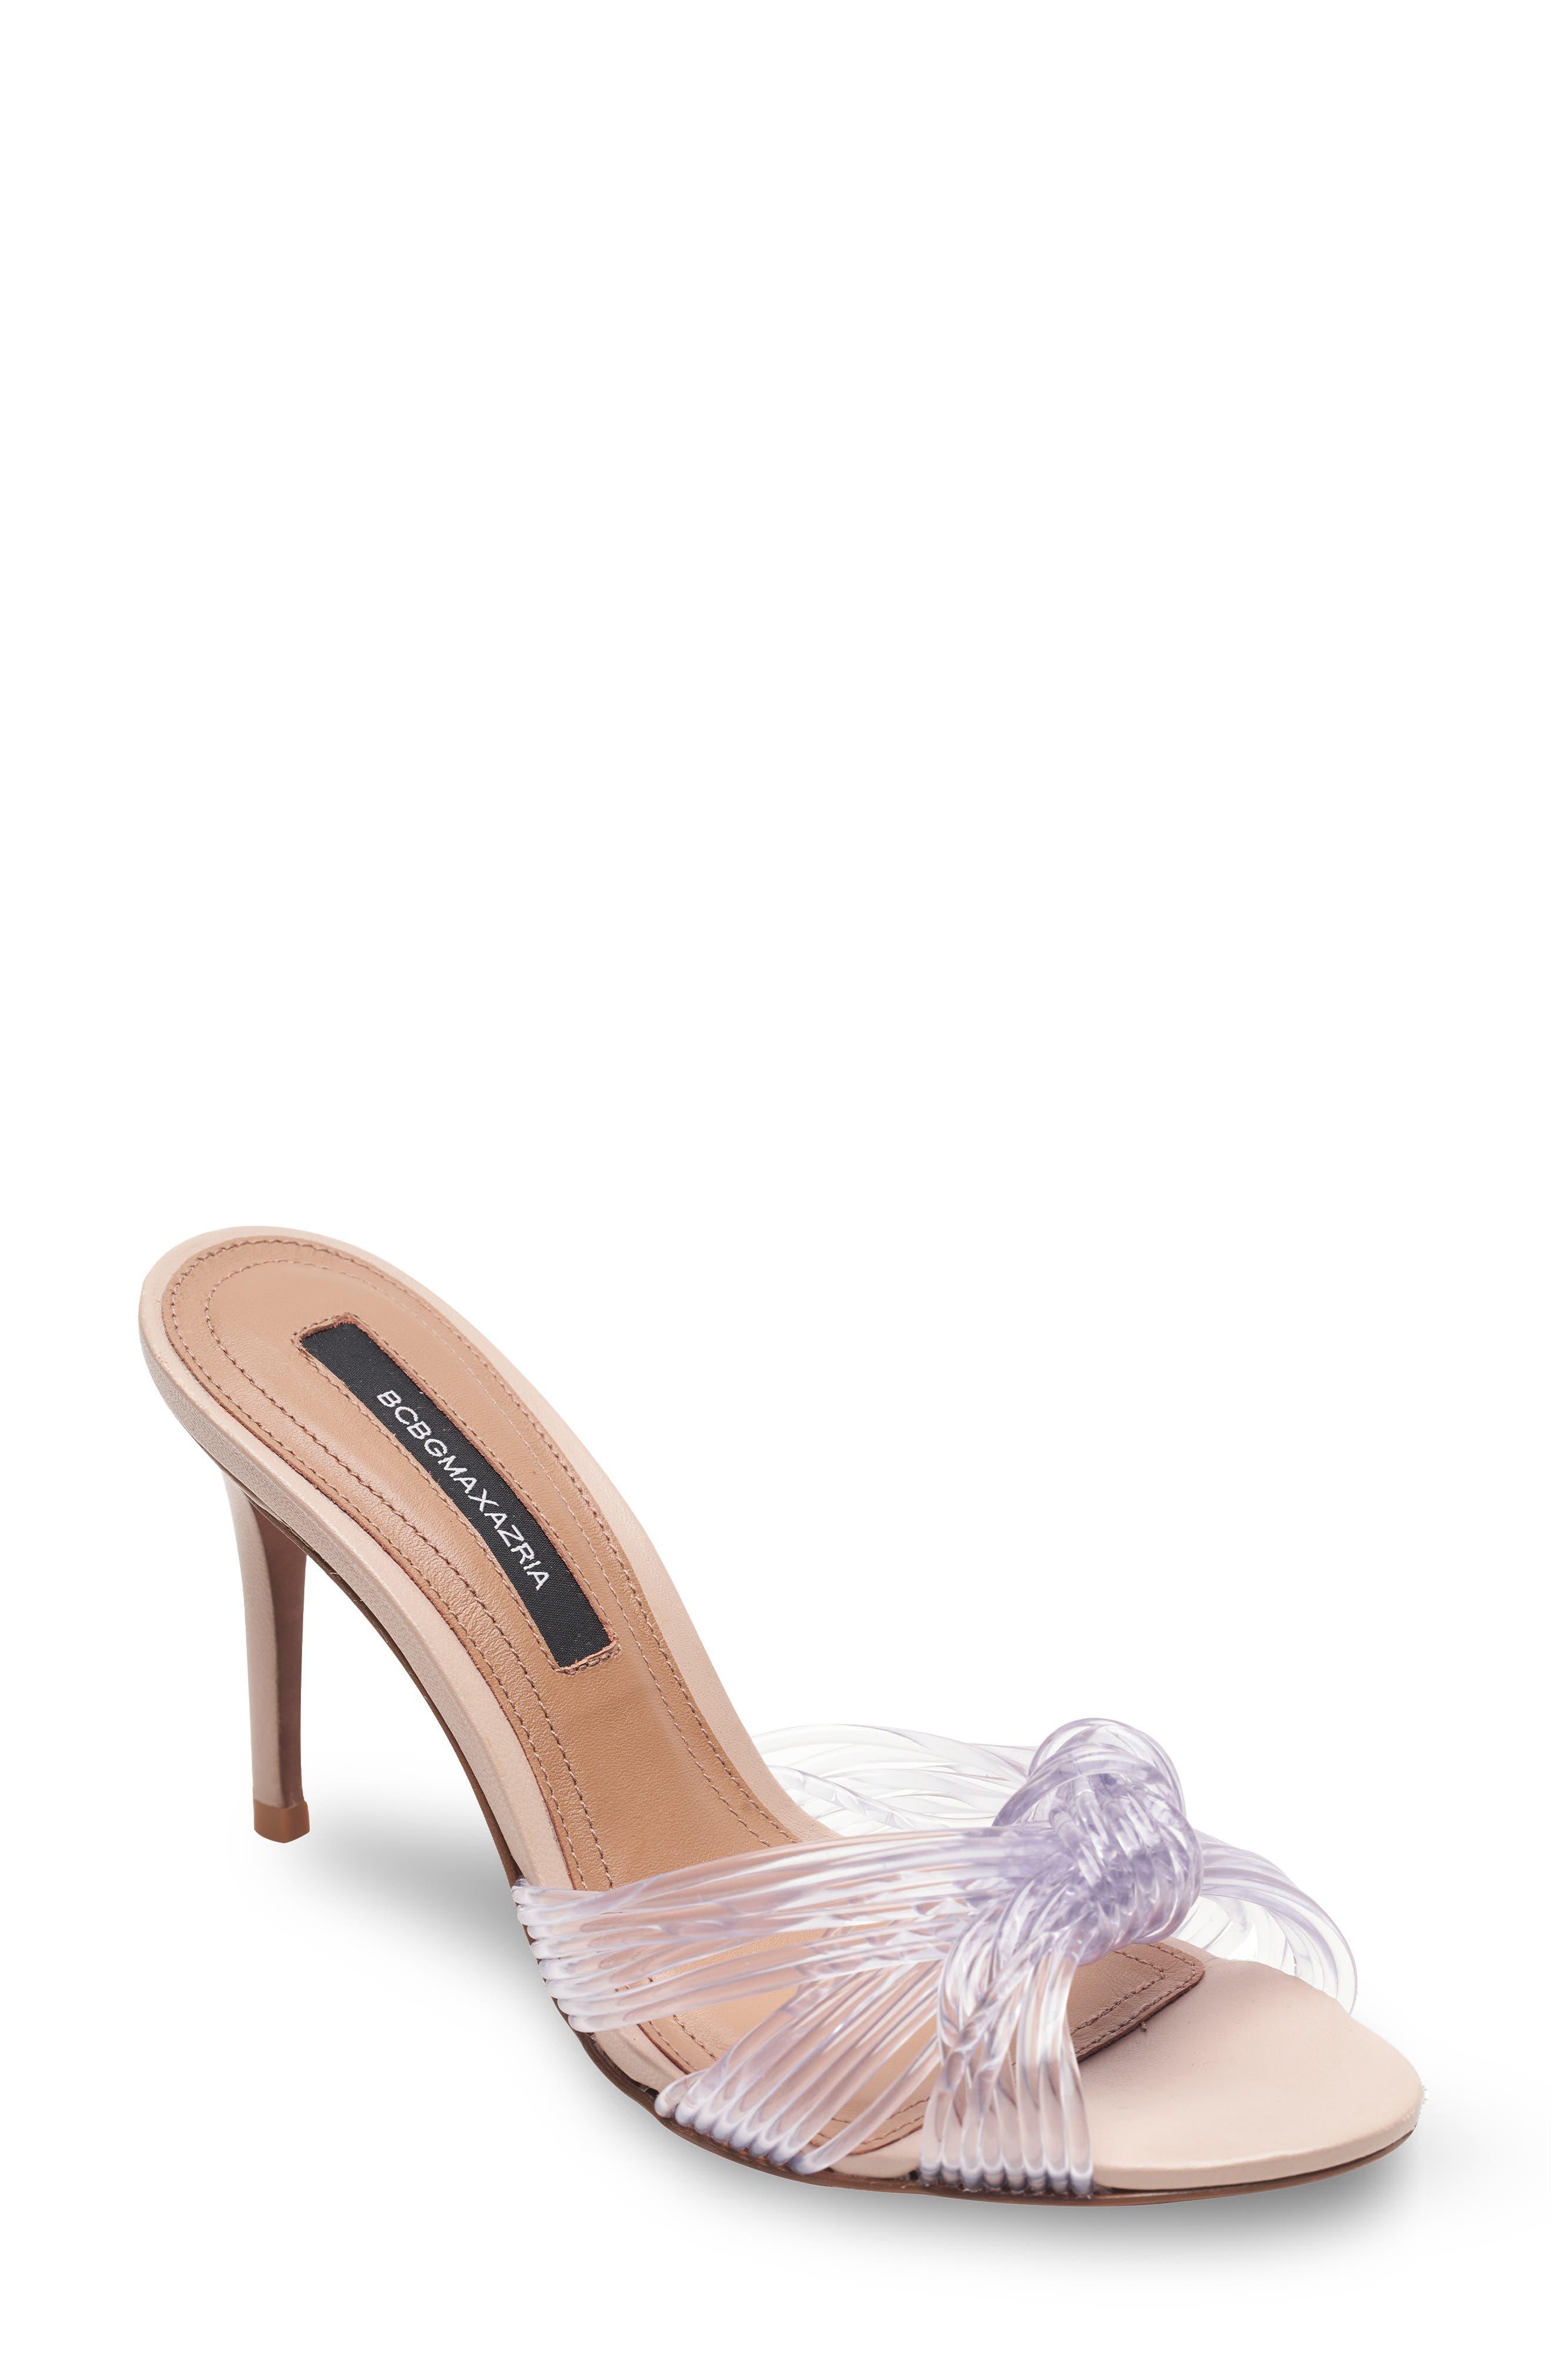 Delilah Slide Sandal